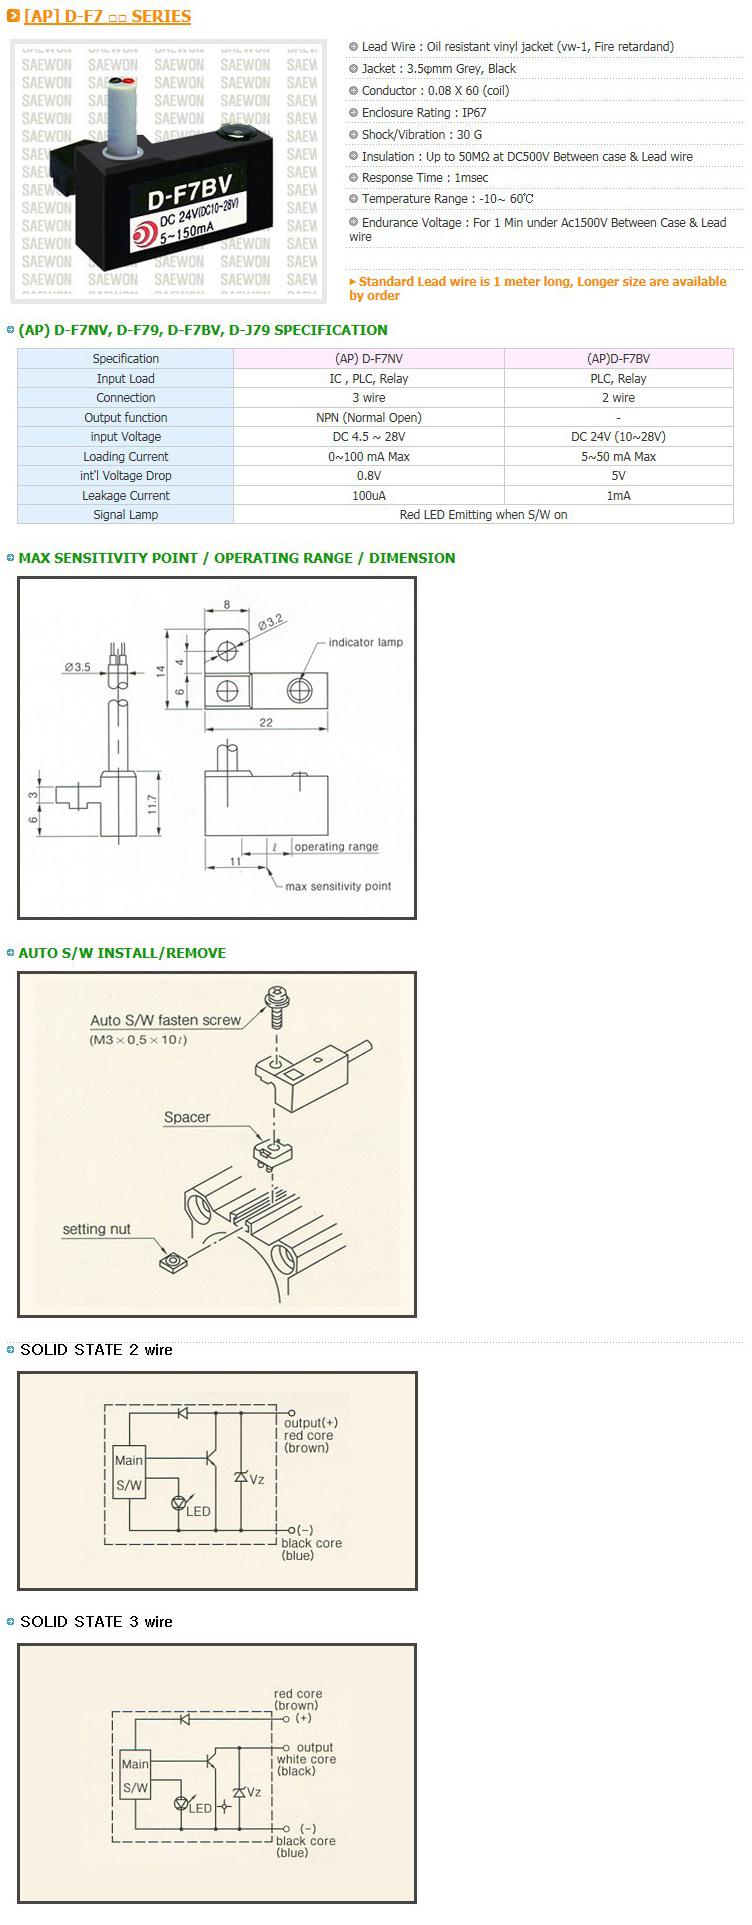 Saewon Electronics PLC AP D-F7 Series